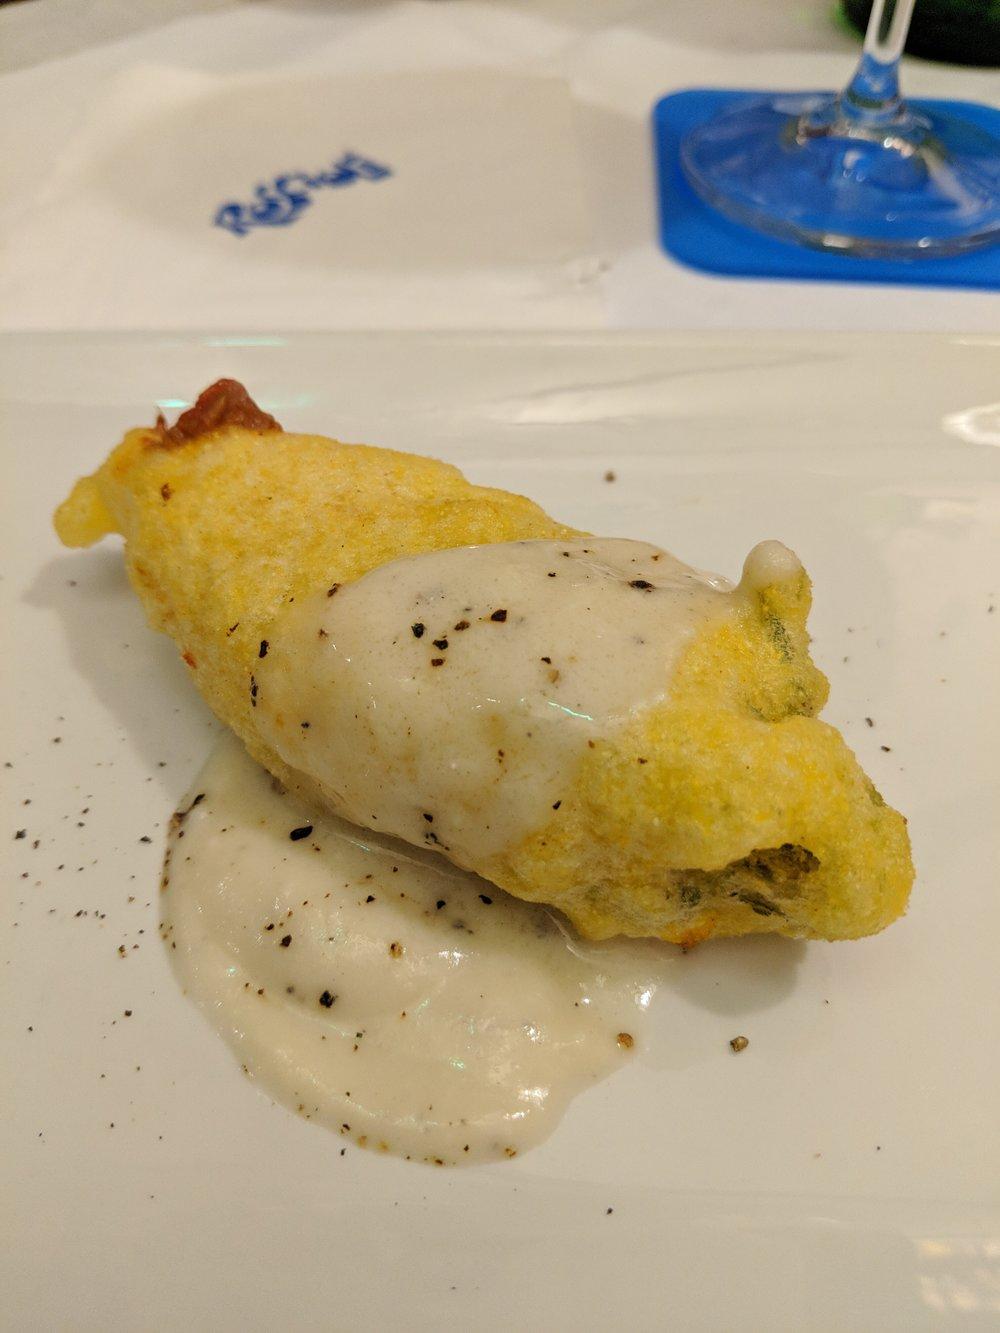 Fiori di zucca at Roscioli Salumeria con Cucina